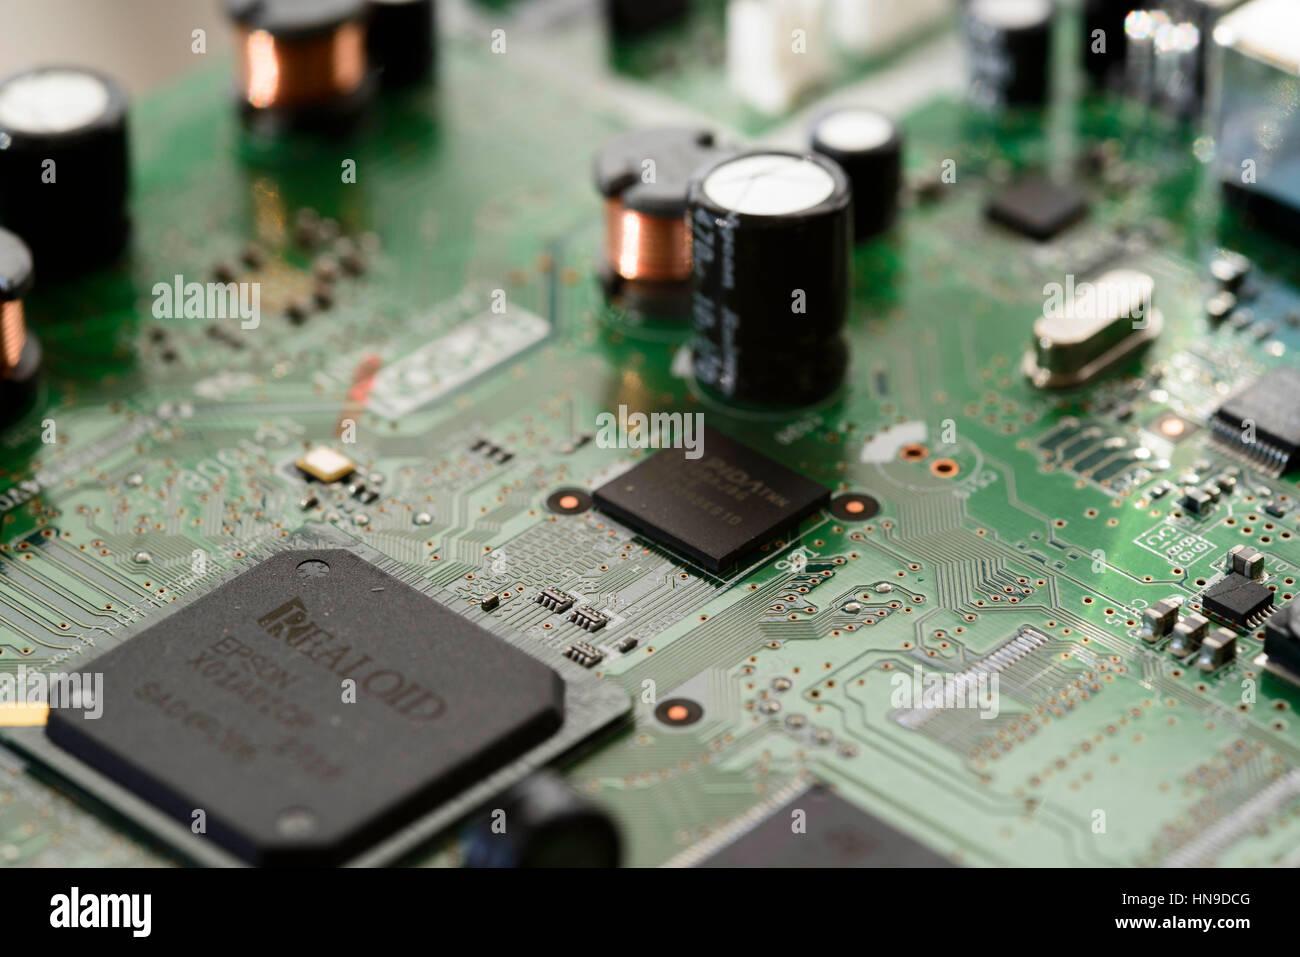 Cierre de junta circit electrónica Imagen De Stock